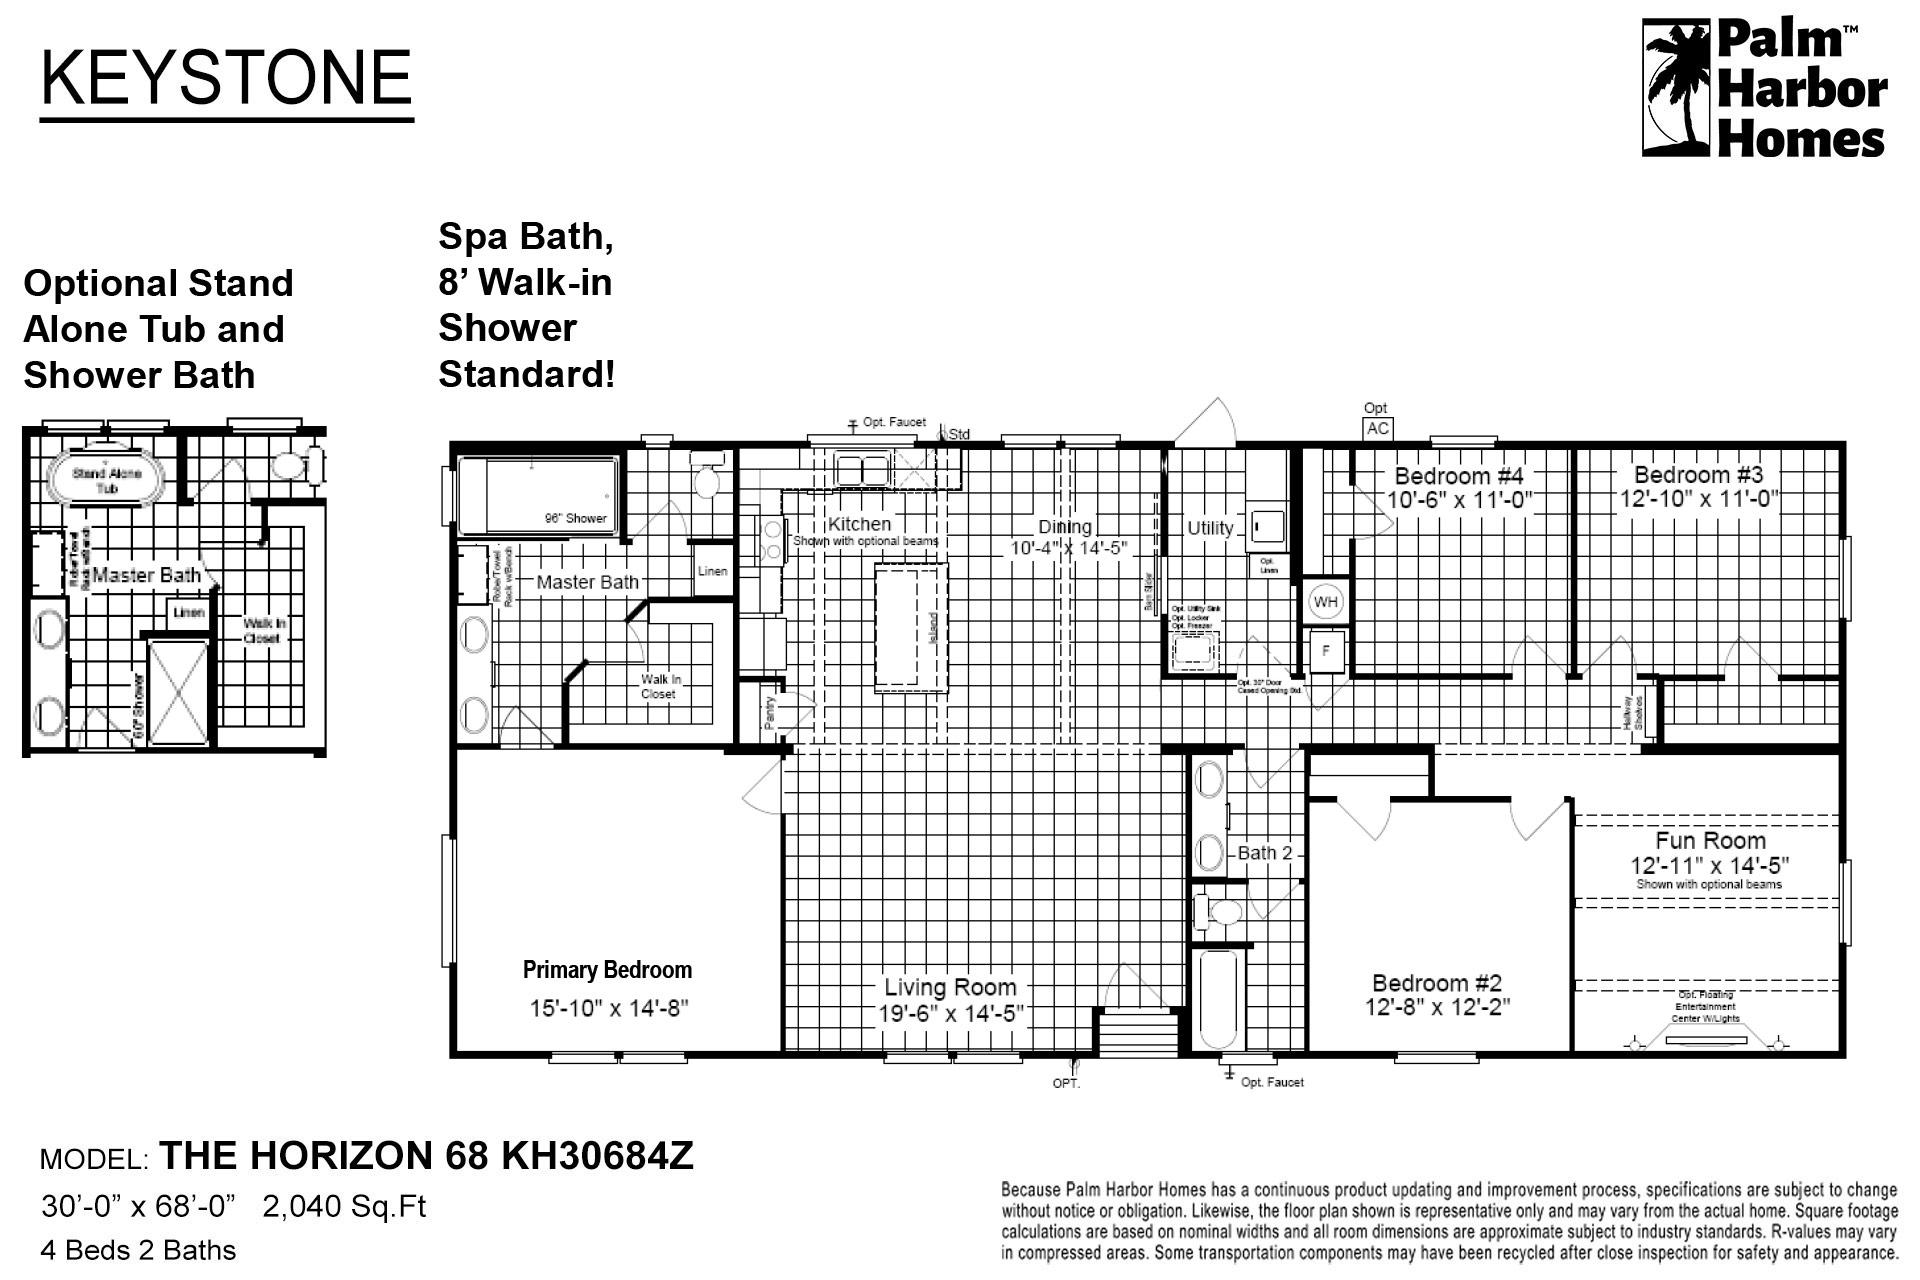 Keystone - The Horizon 68 KH30684Z